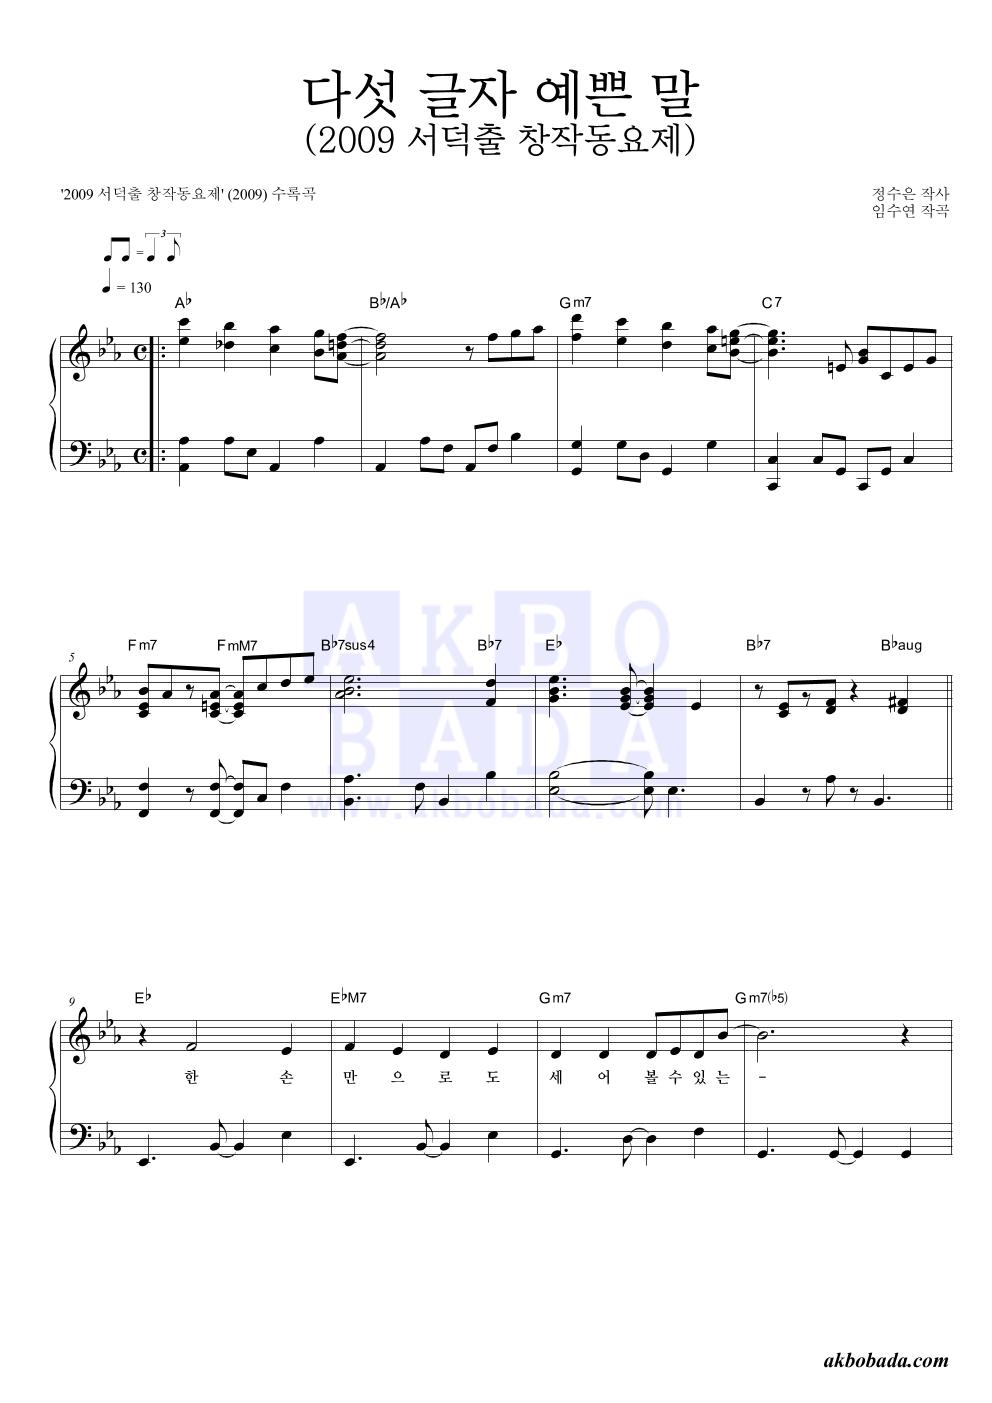 동요 - 다섯 글자 예쁜 말 (2009 서덕출 창작동요제) 피아노 2단 악보